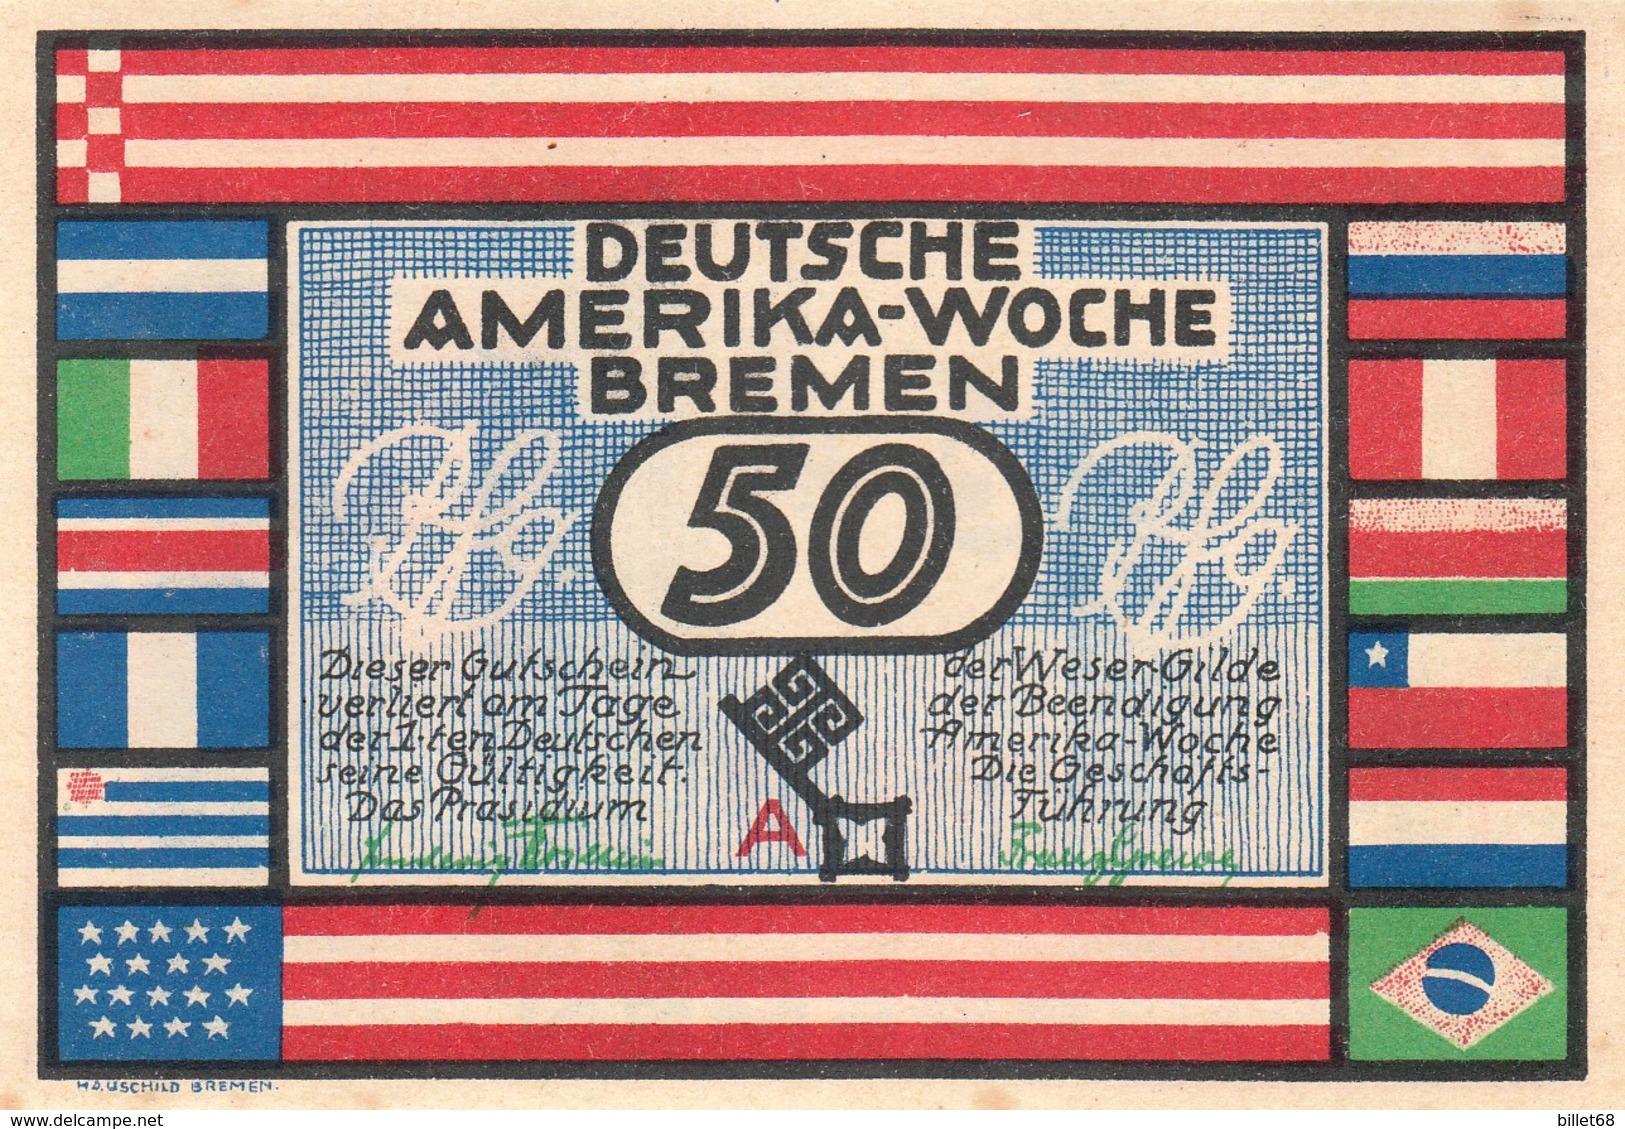 Billet Allemand - 50 Pfennig - Bremen 1923 - Deutsche Amerika Woche - [11] Local Banknote Issues